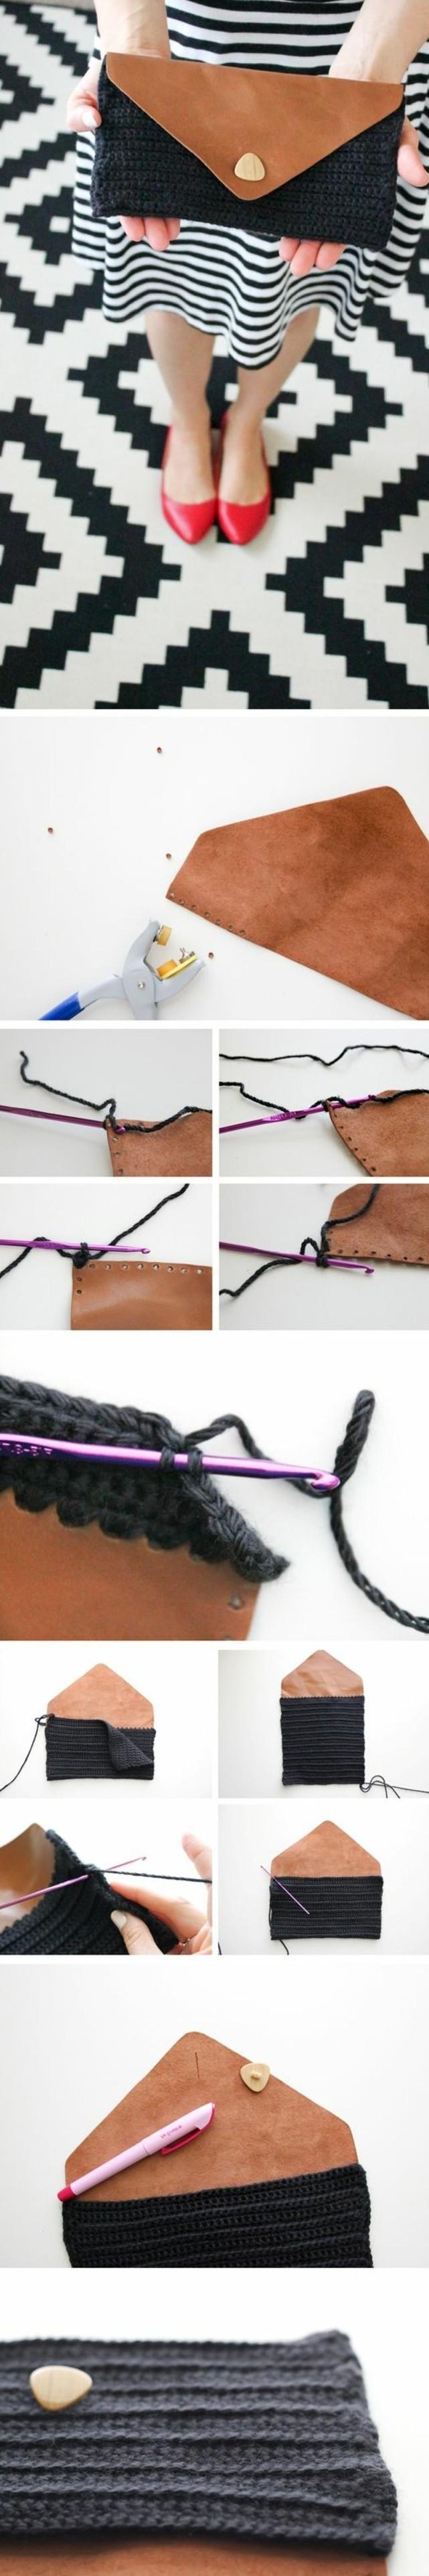 tuto-pochette-soirée-élégante-en-cuir-et-une-partie-en-laine-noire-fait-au-crochet-idée-comment-fabriquer-une-pochette-étapes-de-réalisation